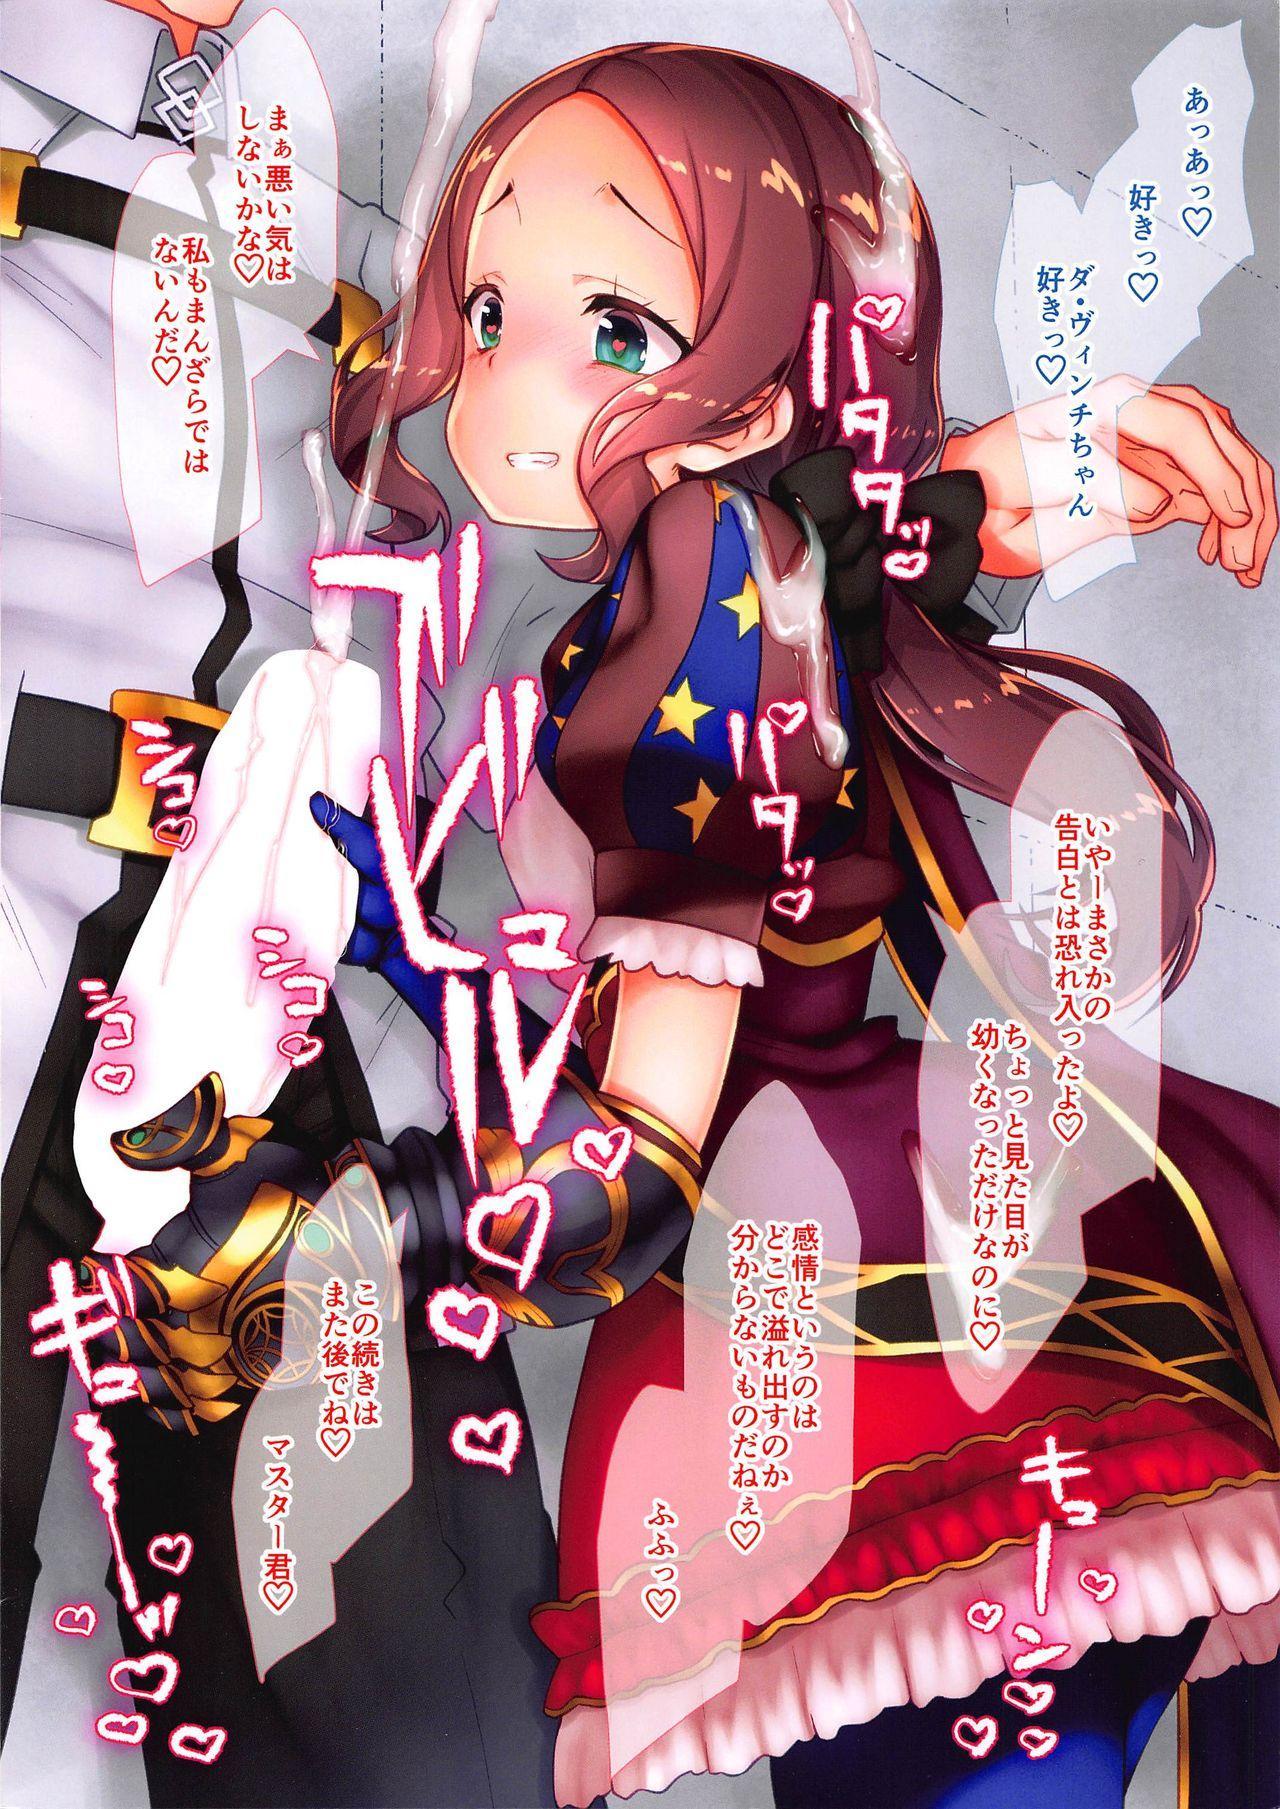 Uchi no Bishoujo Maid ga Tensai Sugite Sumanai! 1